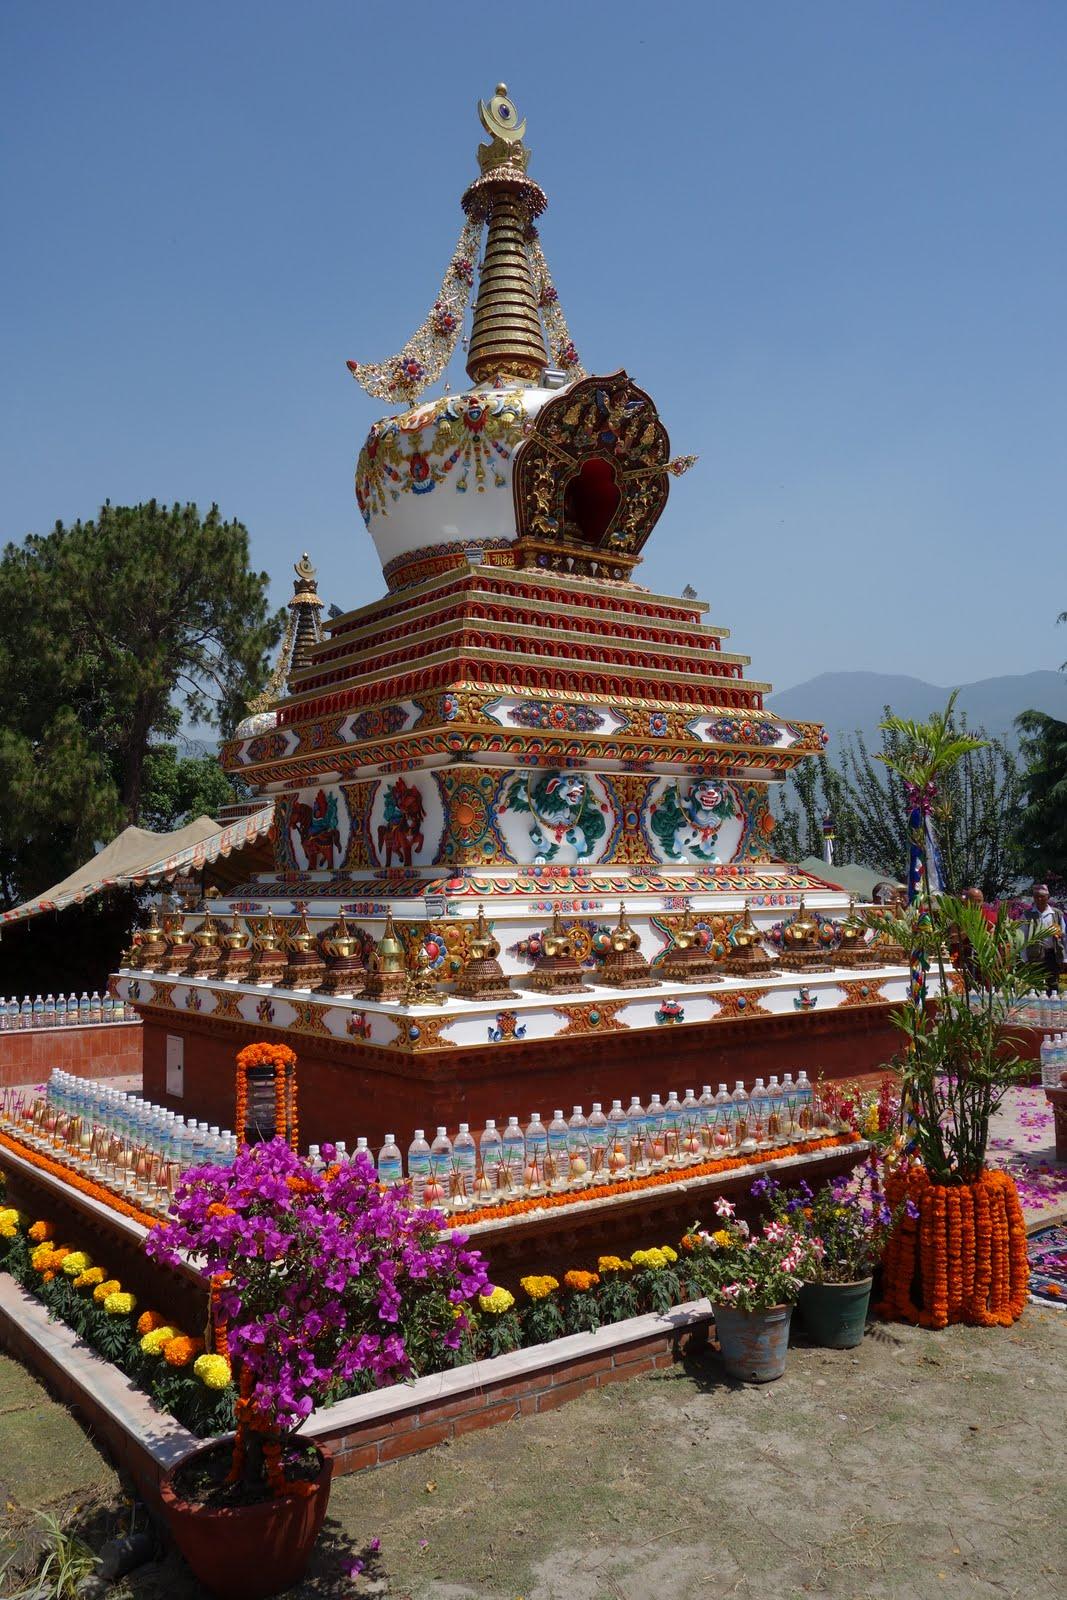 Khensur Lama Lhundrup stupa's consecration at Kopan Monastery. 3 May 2013. Photo: Ven.Roger Kunsang   Khensur Lama Lhundrup's stupa consecration at Kopan Monastery. May 3, 2013. Photo bu Ven. Roger Kunsang